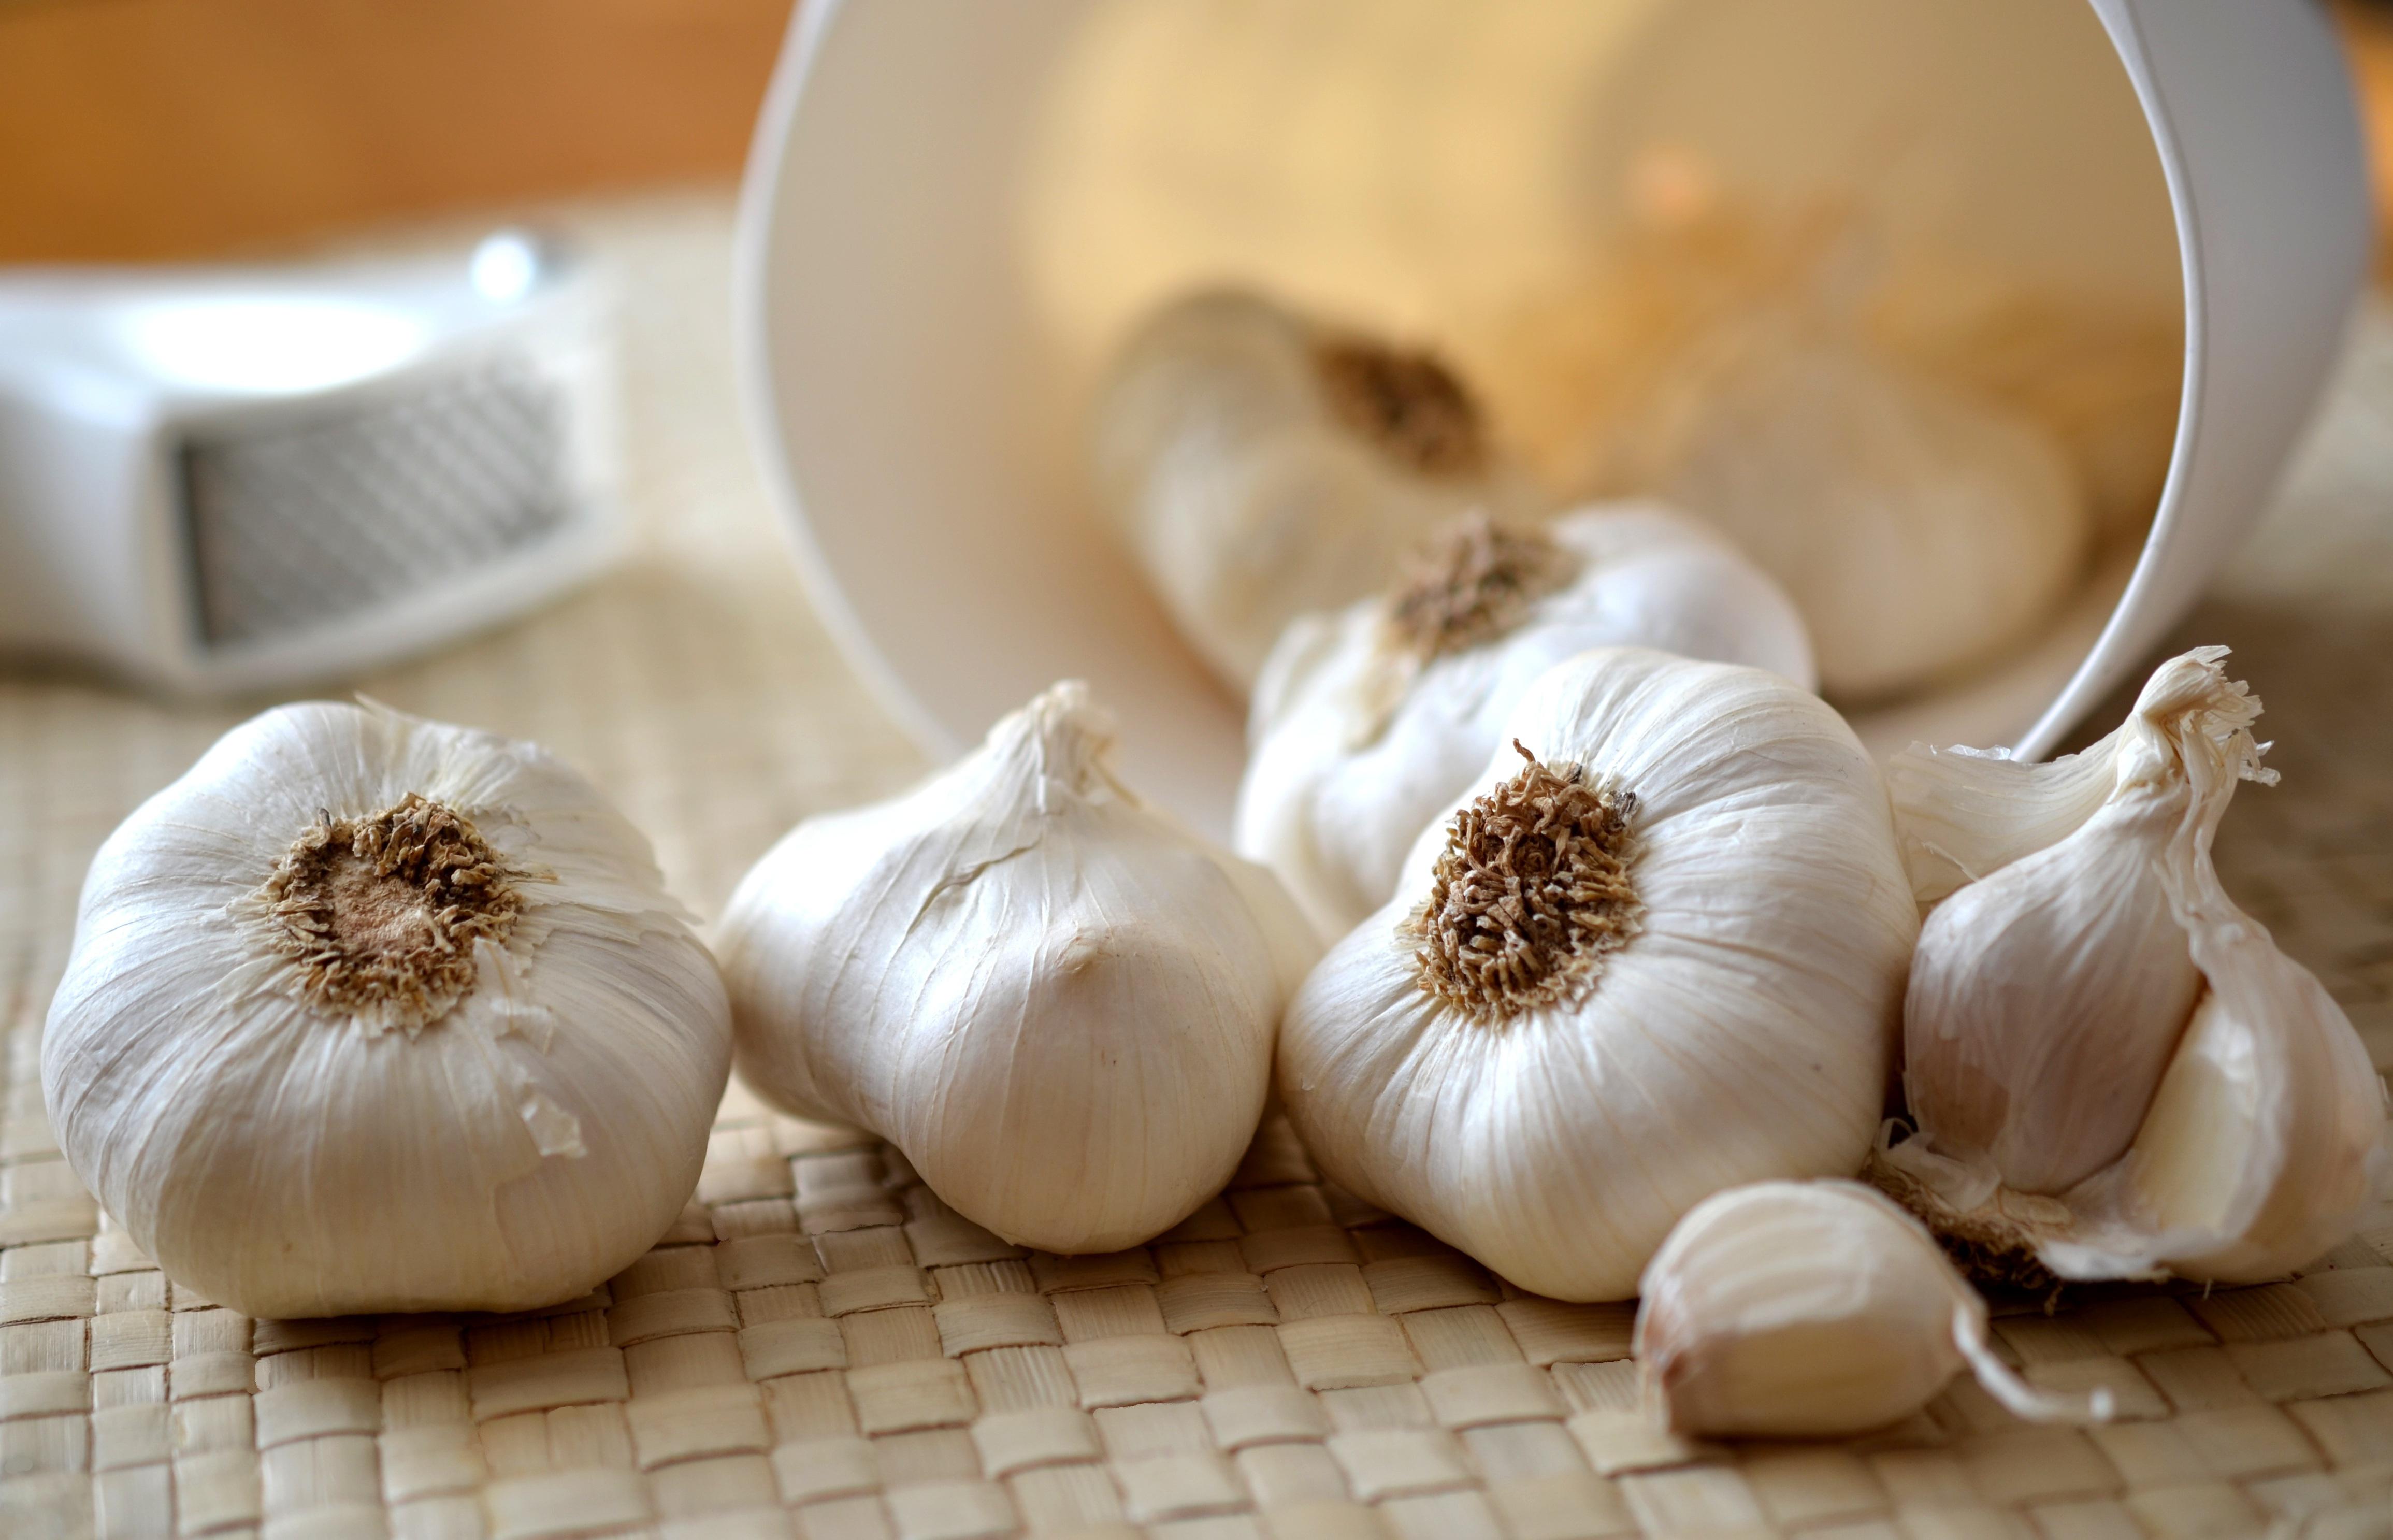 ételek amelyek nem megengedettek magas vérnyomás esetén